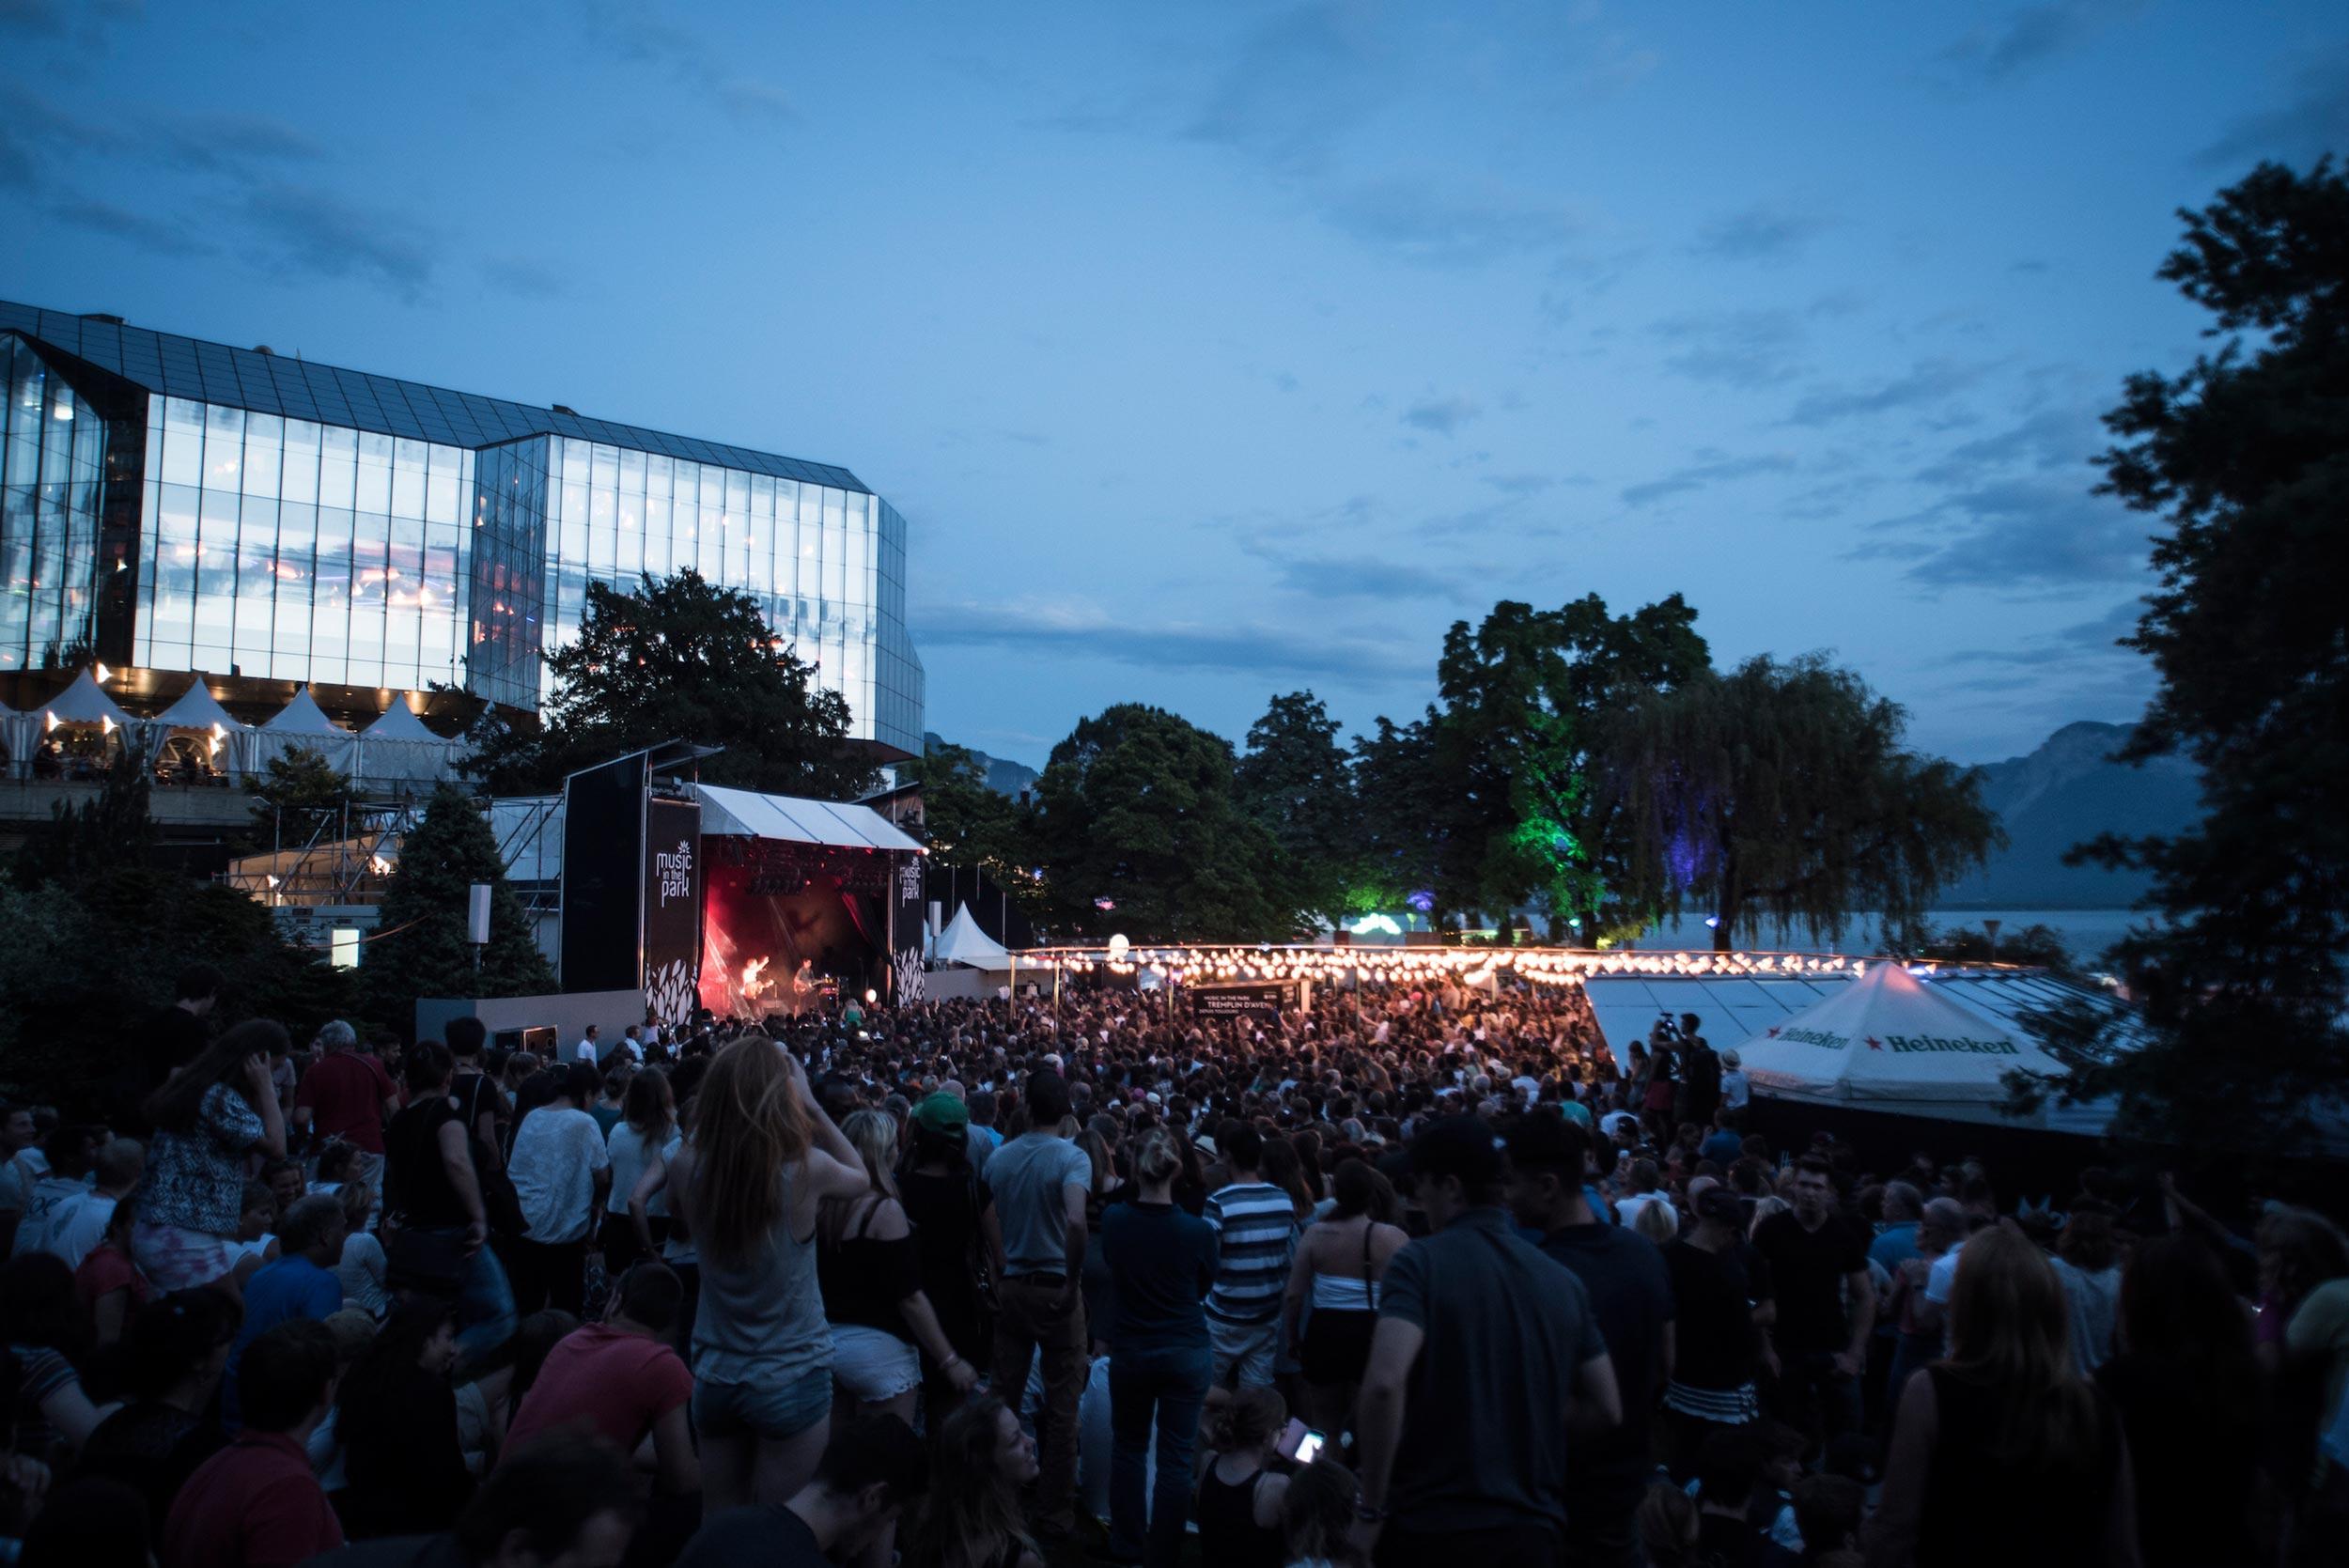 Montreux Jazz Festival >> Montreux Jazz Festival Switzerland Tourism